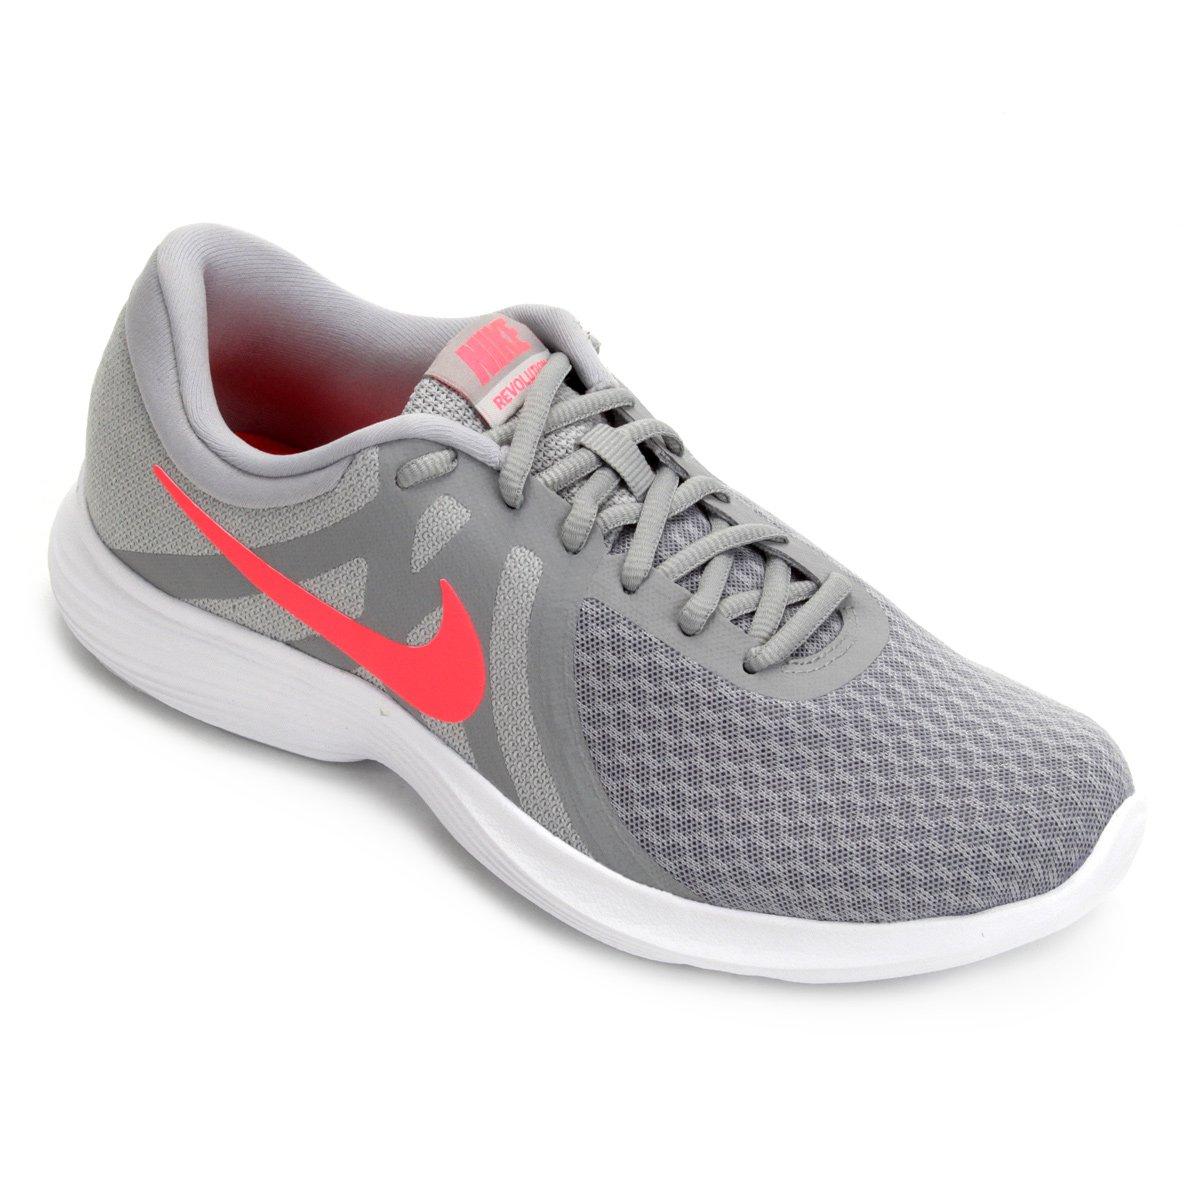 3fbdbc1ed15 Tênis Nike Wmns Revolution 4 Feminino - Cinza e Vermelho - Compre Agora